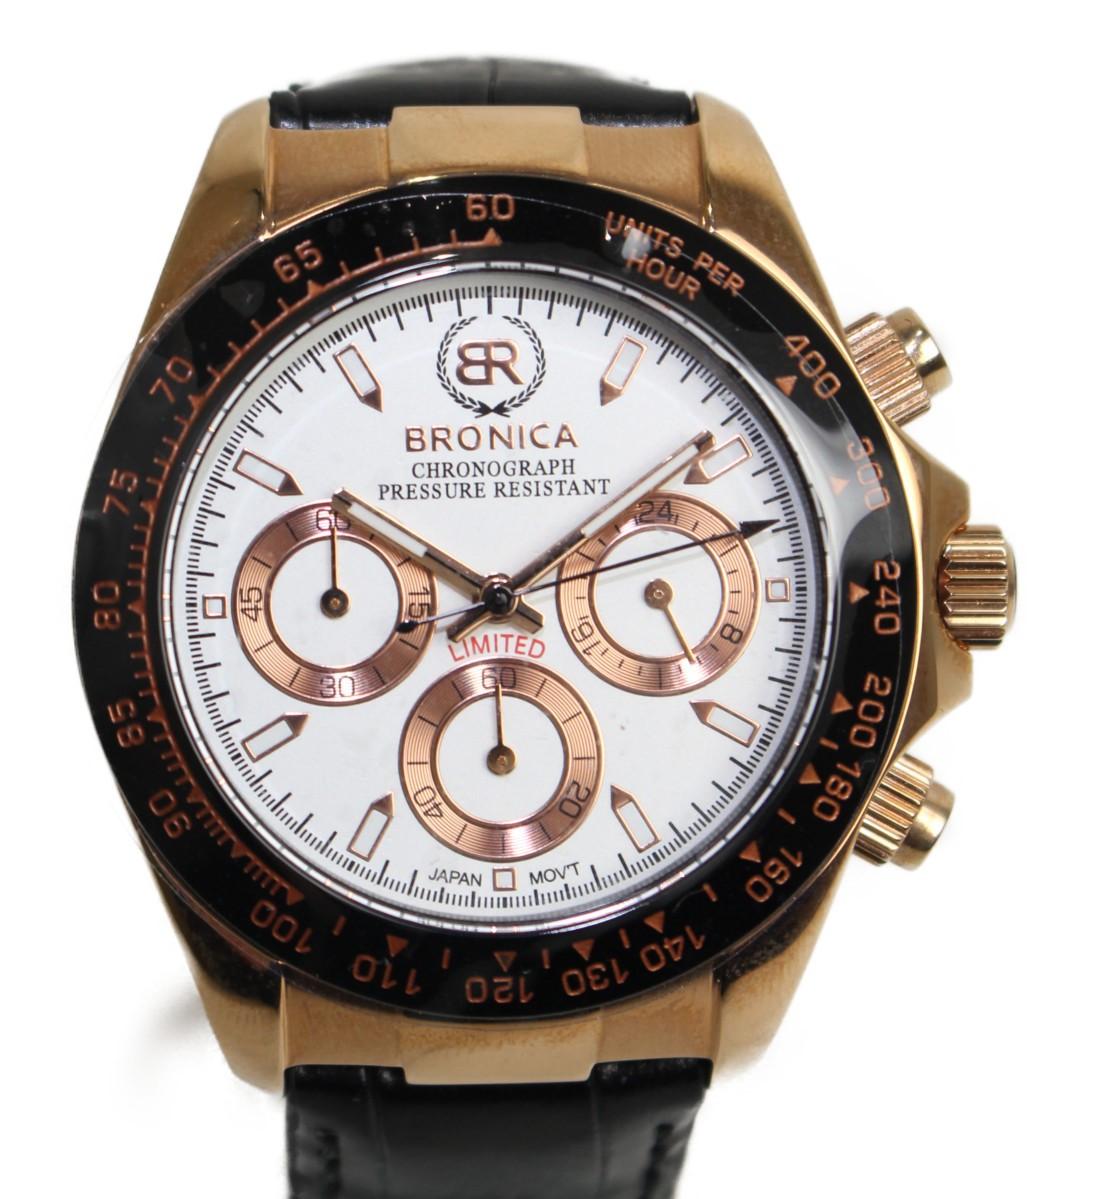 BRONICA クォーツ腕時計 BR 820R-WH  ステンレススチール SS PG メッキ ピンクゴールド 革 レザー ベルト クォーツ ホワイト クロノグラフ 24時間針 カッコイイ メンズ ウィメンズ 腕時計 【中古】